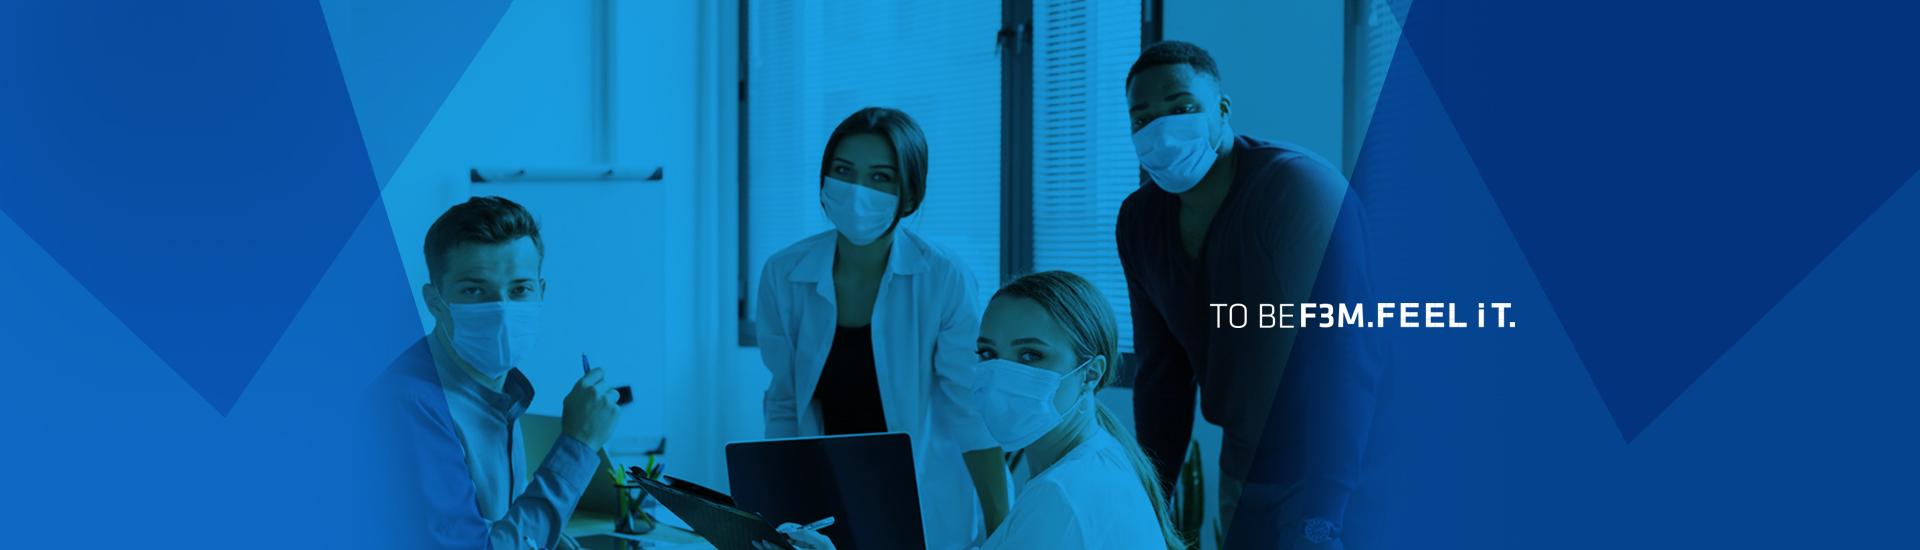 Especialistas e profissionais analisam impacto da pandemia no bem-estar psicológico dos trabalhadores da área social